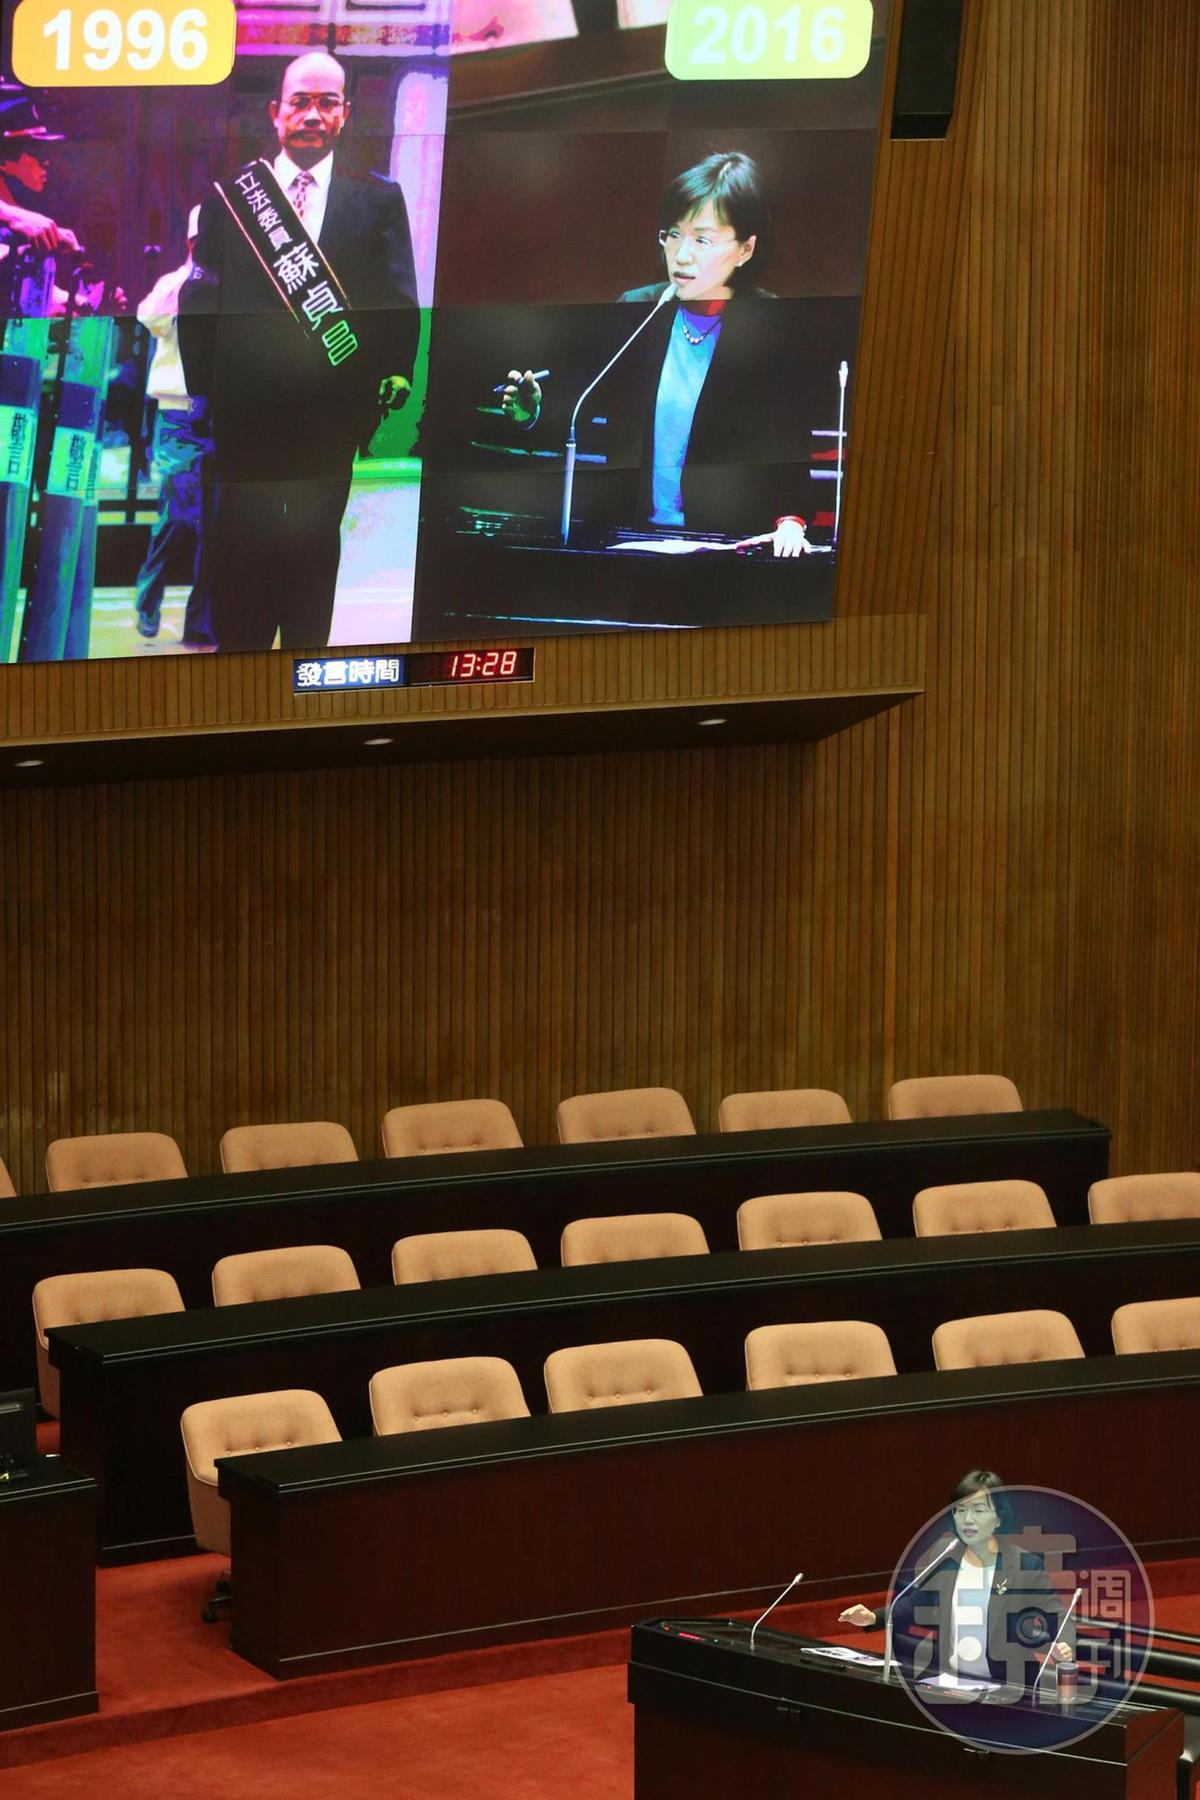 民進黨立委蘇巧慧今質詢行政院長蘇貞昌,還秀出蘇貞昌的舊照片。